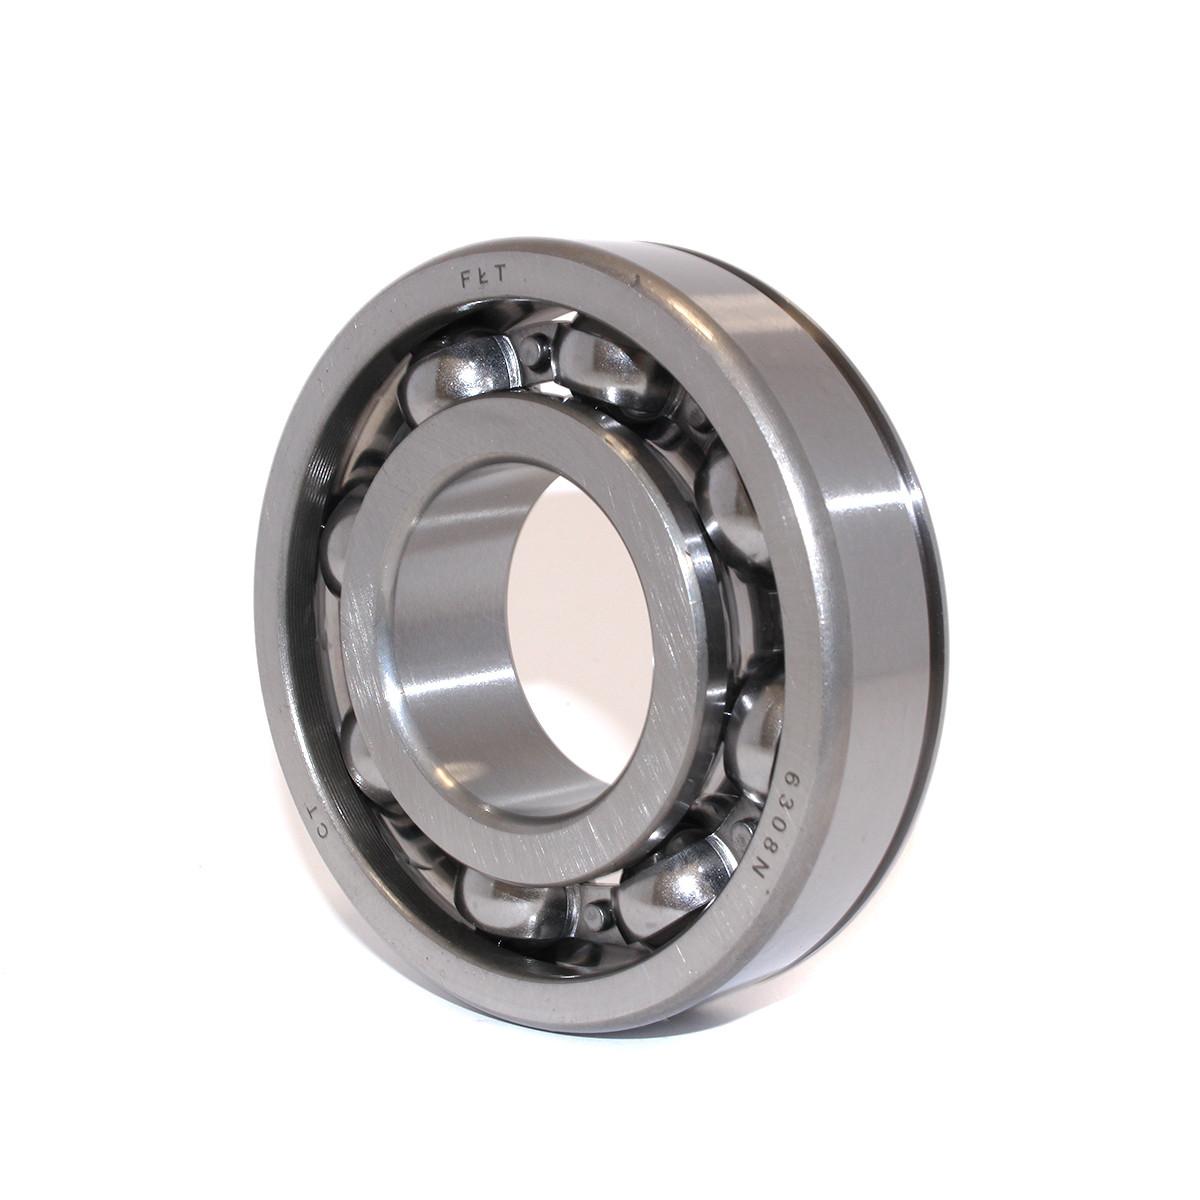 Підшипник 6015 (ГОСТ: 115) FLT (Польща), 75х115х20 мм, кульковий радіальний однорядний без ущільнень